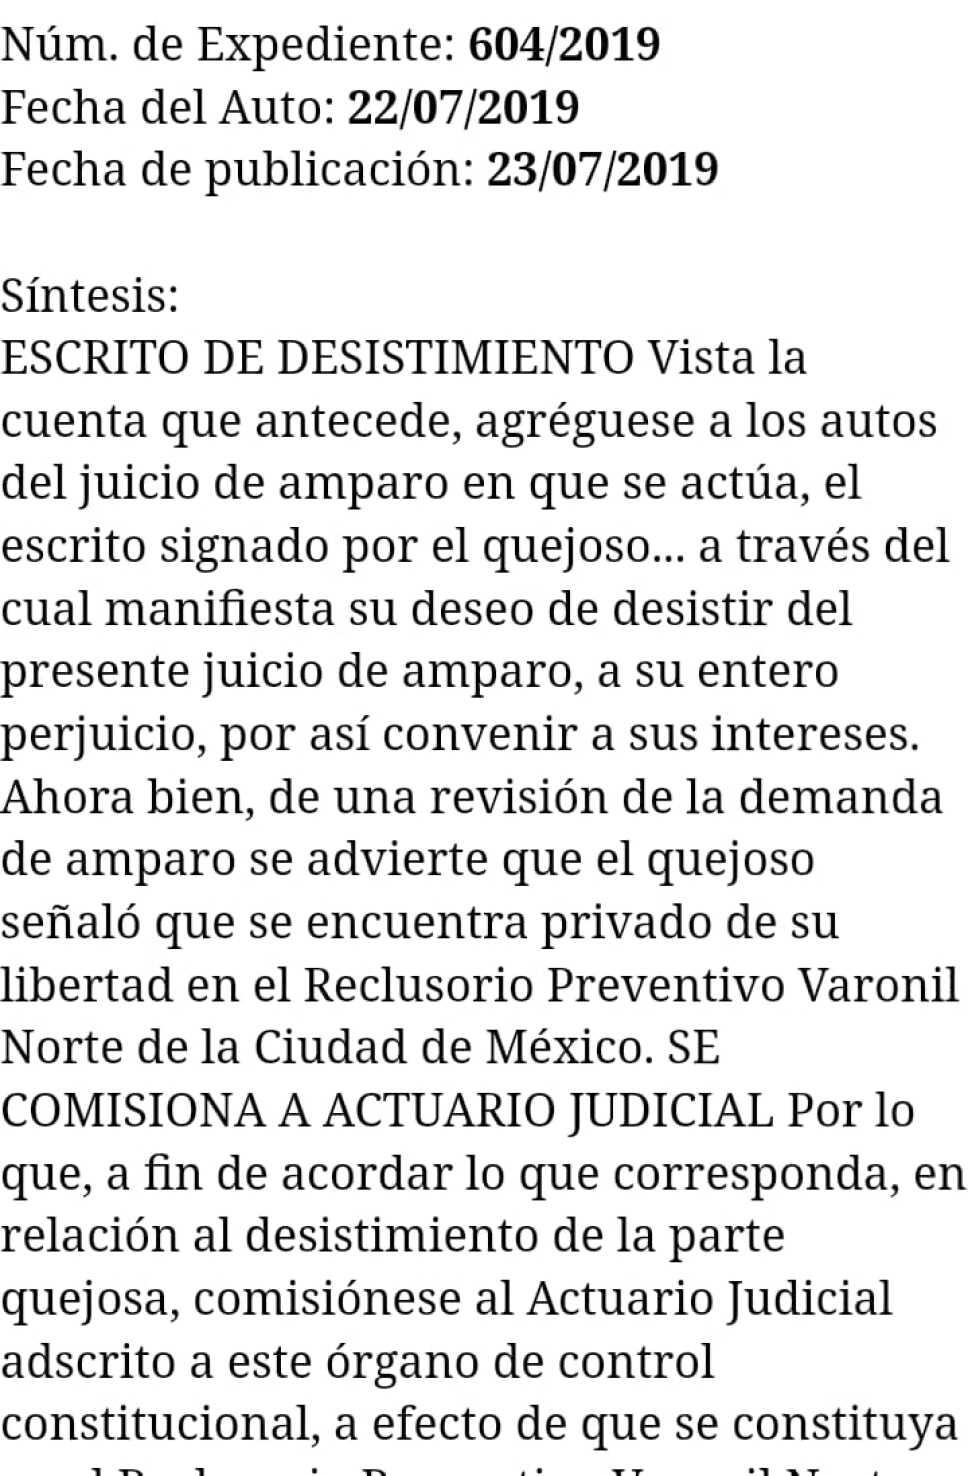 Juan Collado desiste de amparo contra congelamiento de cuentas